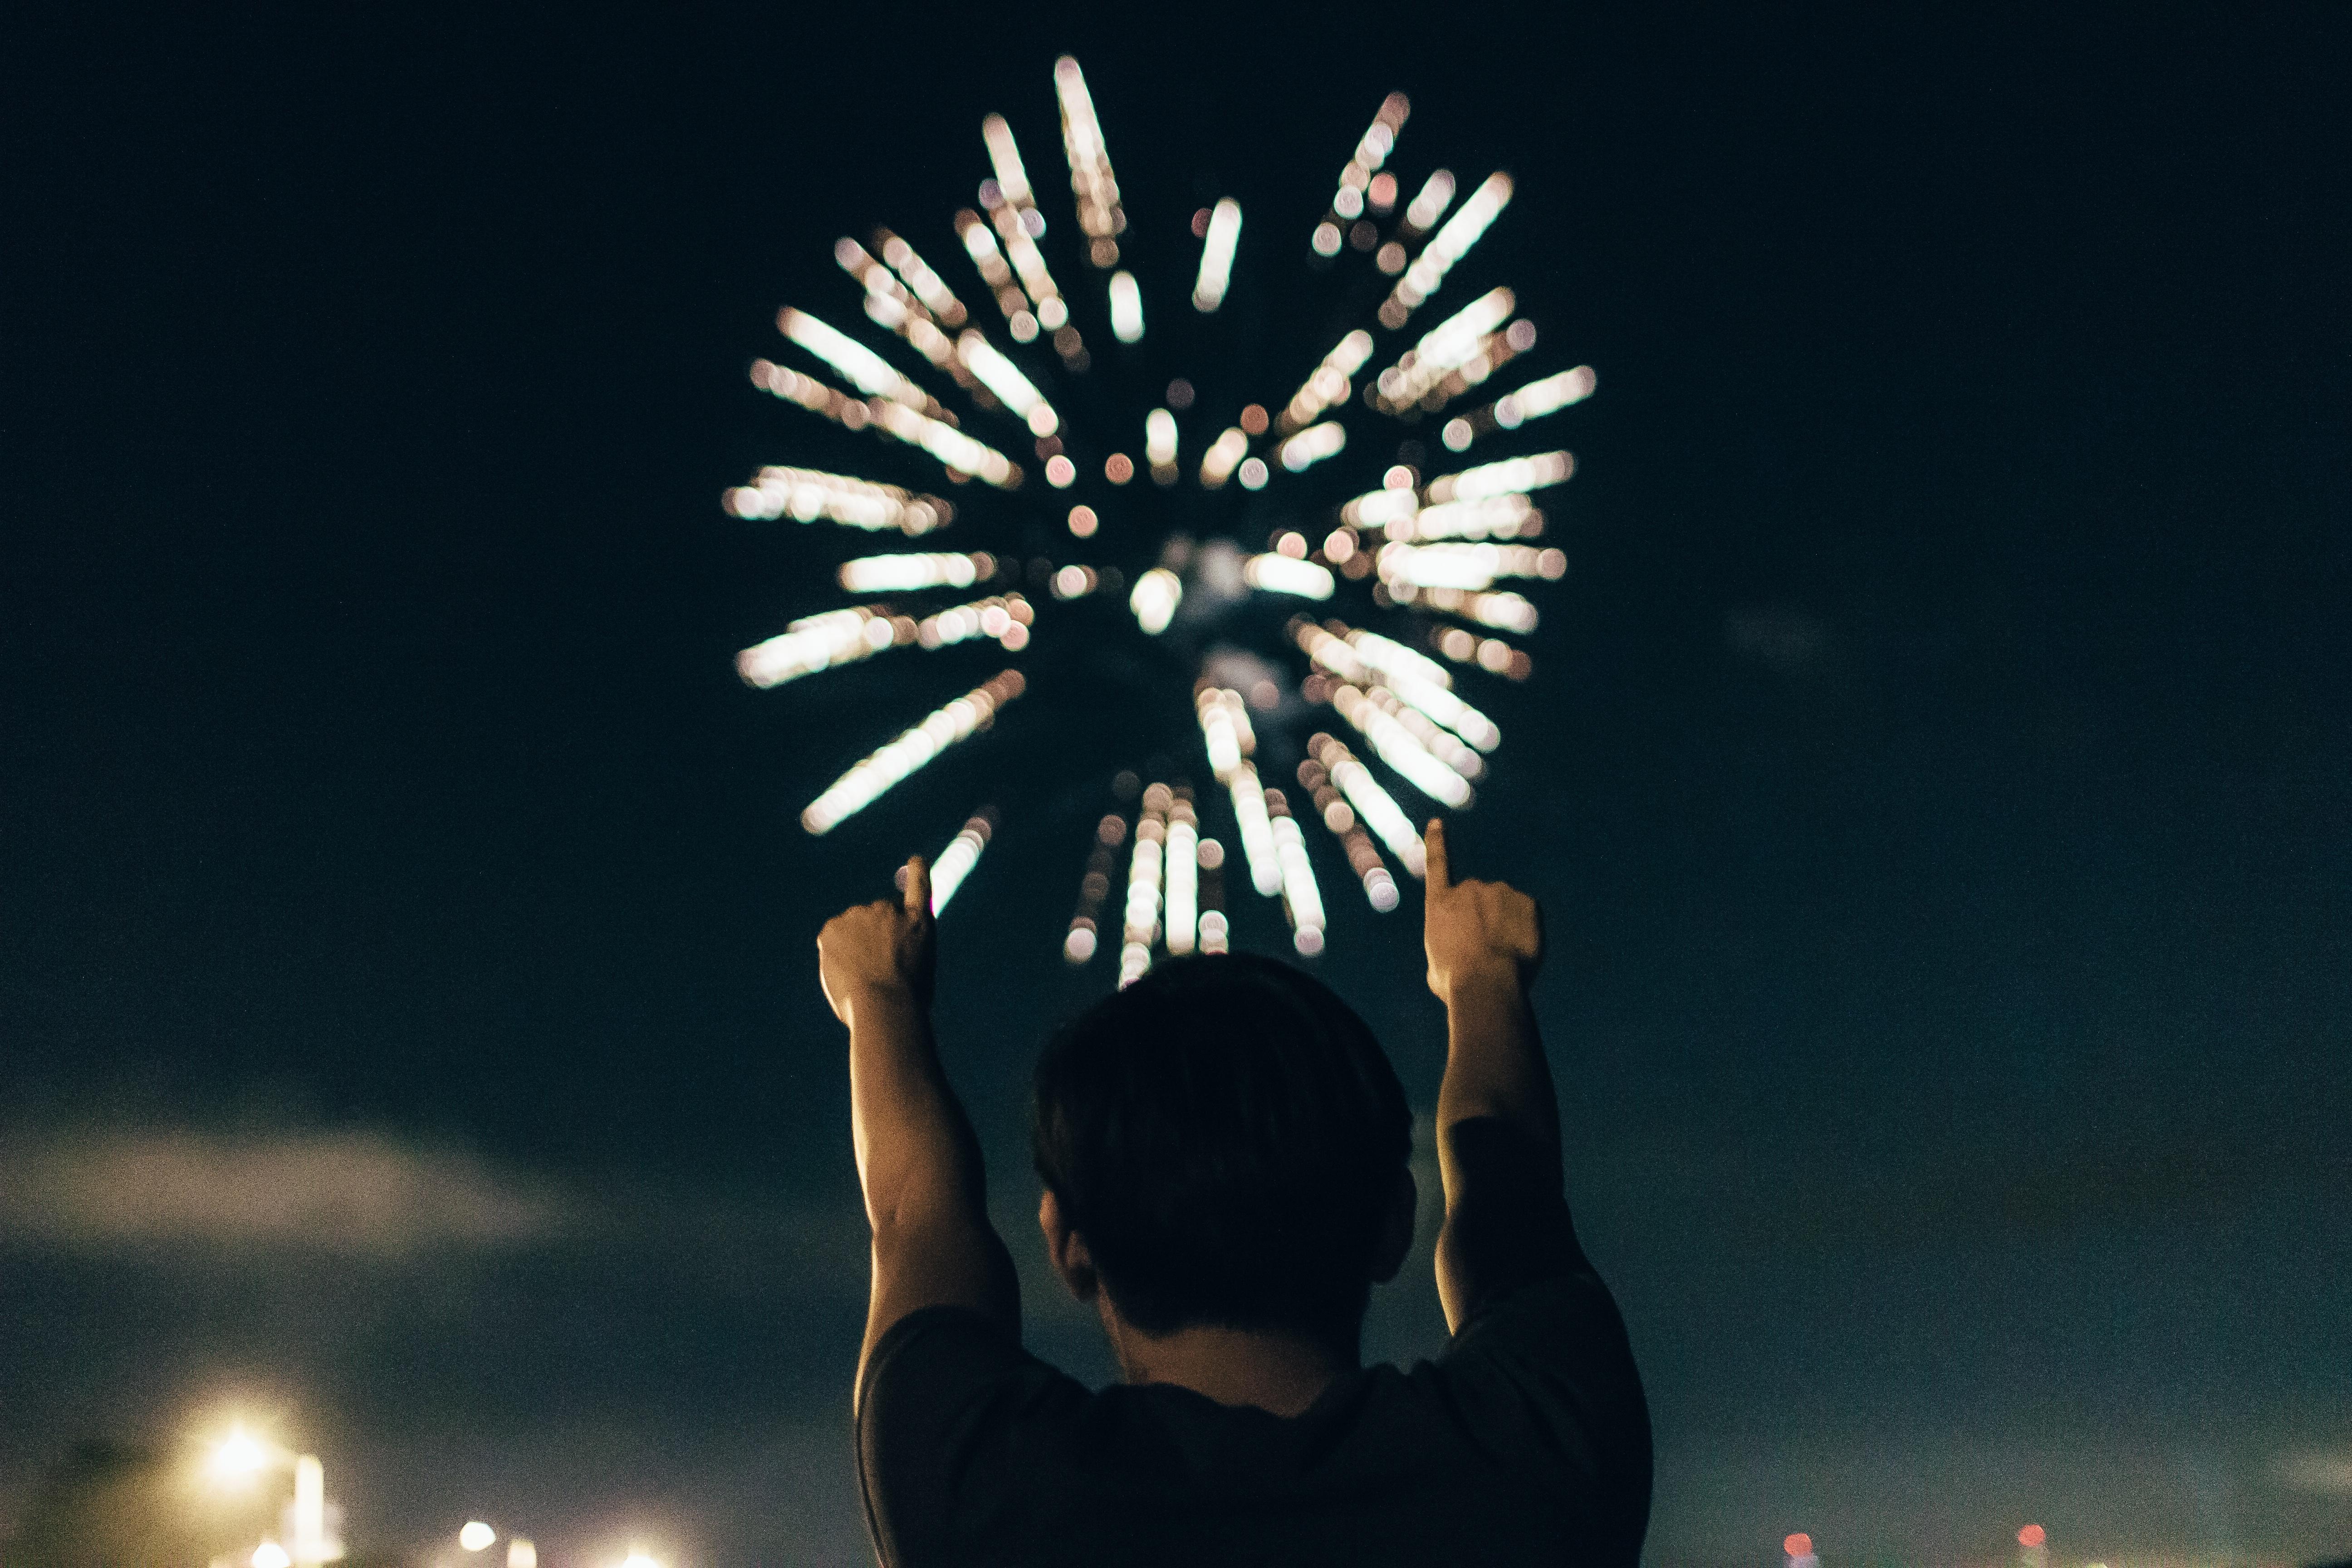 melhor ano novo